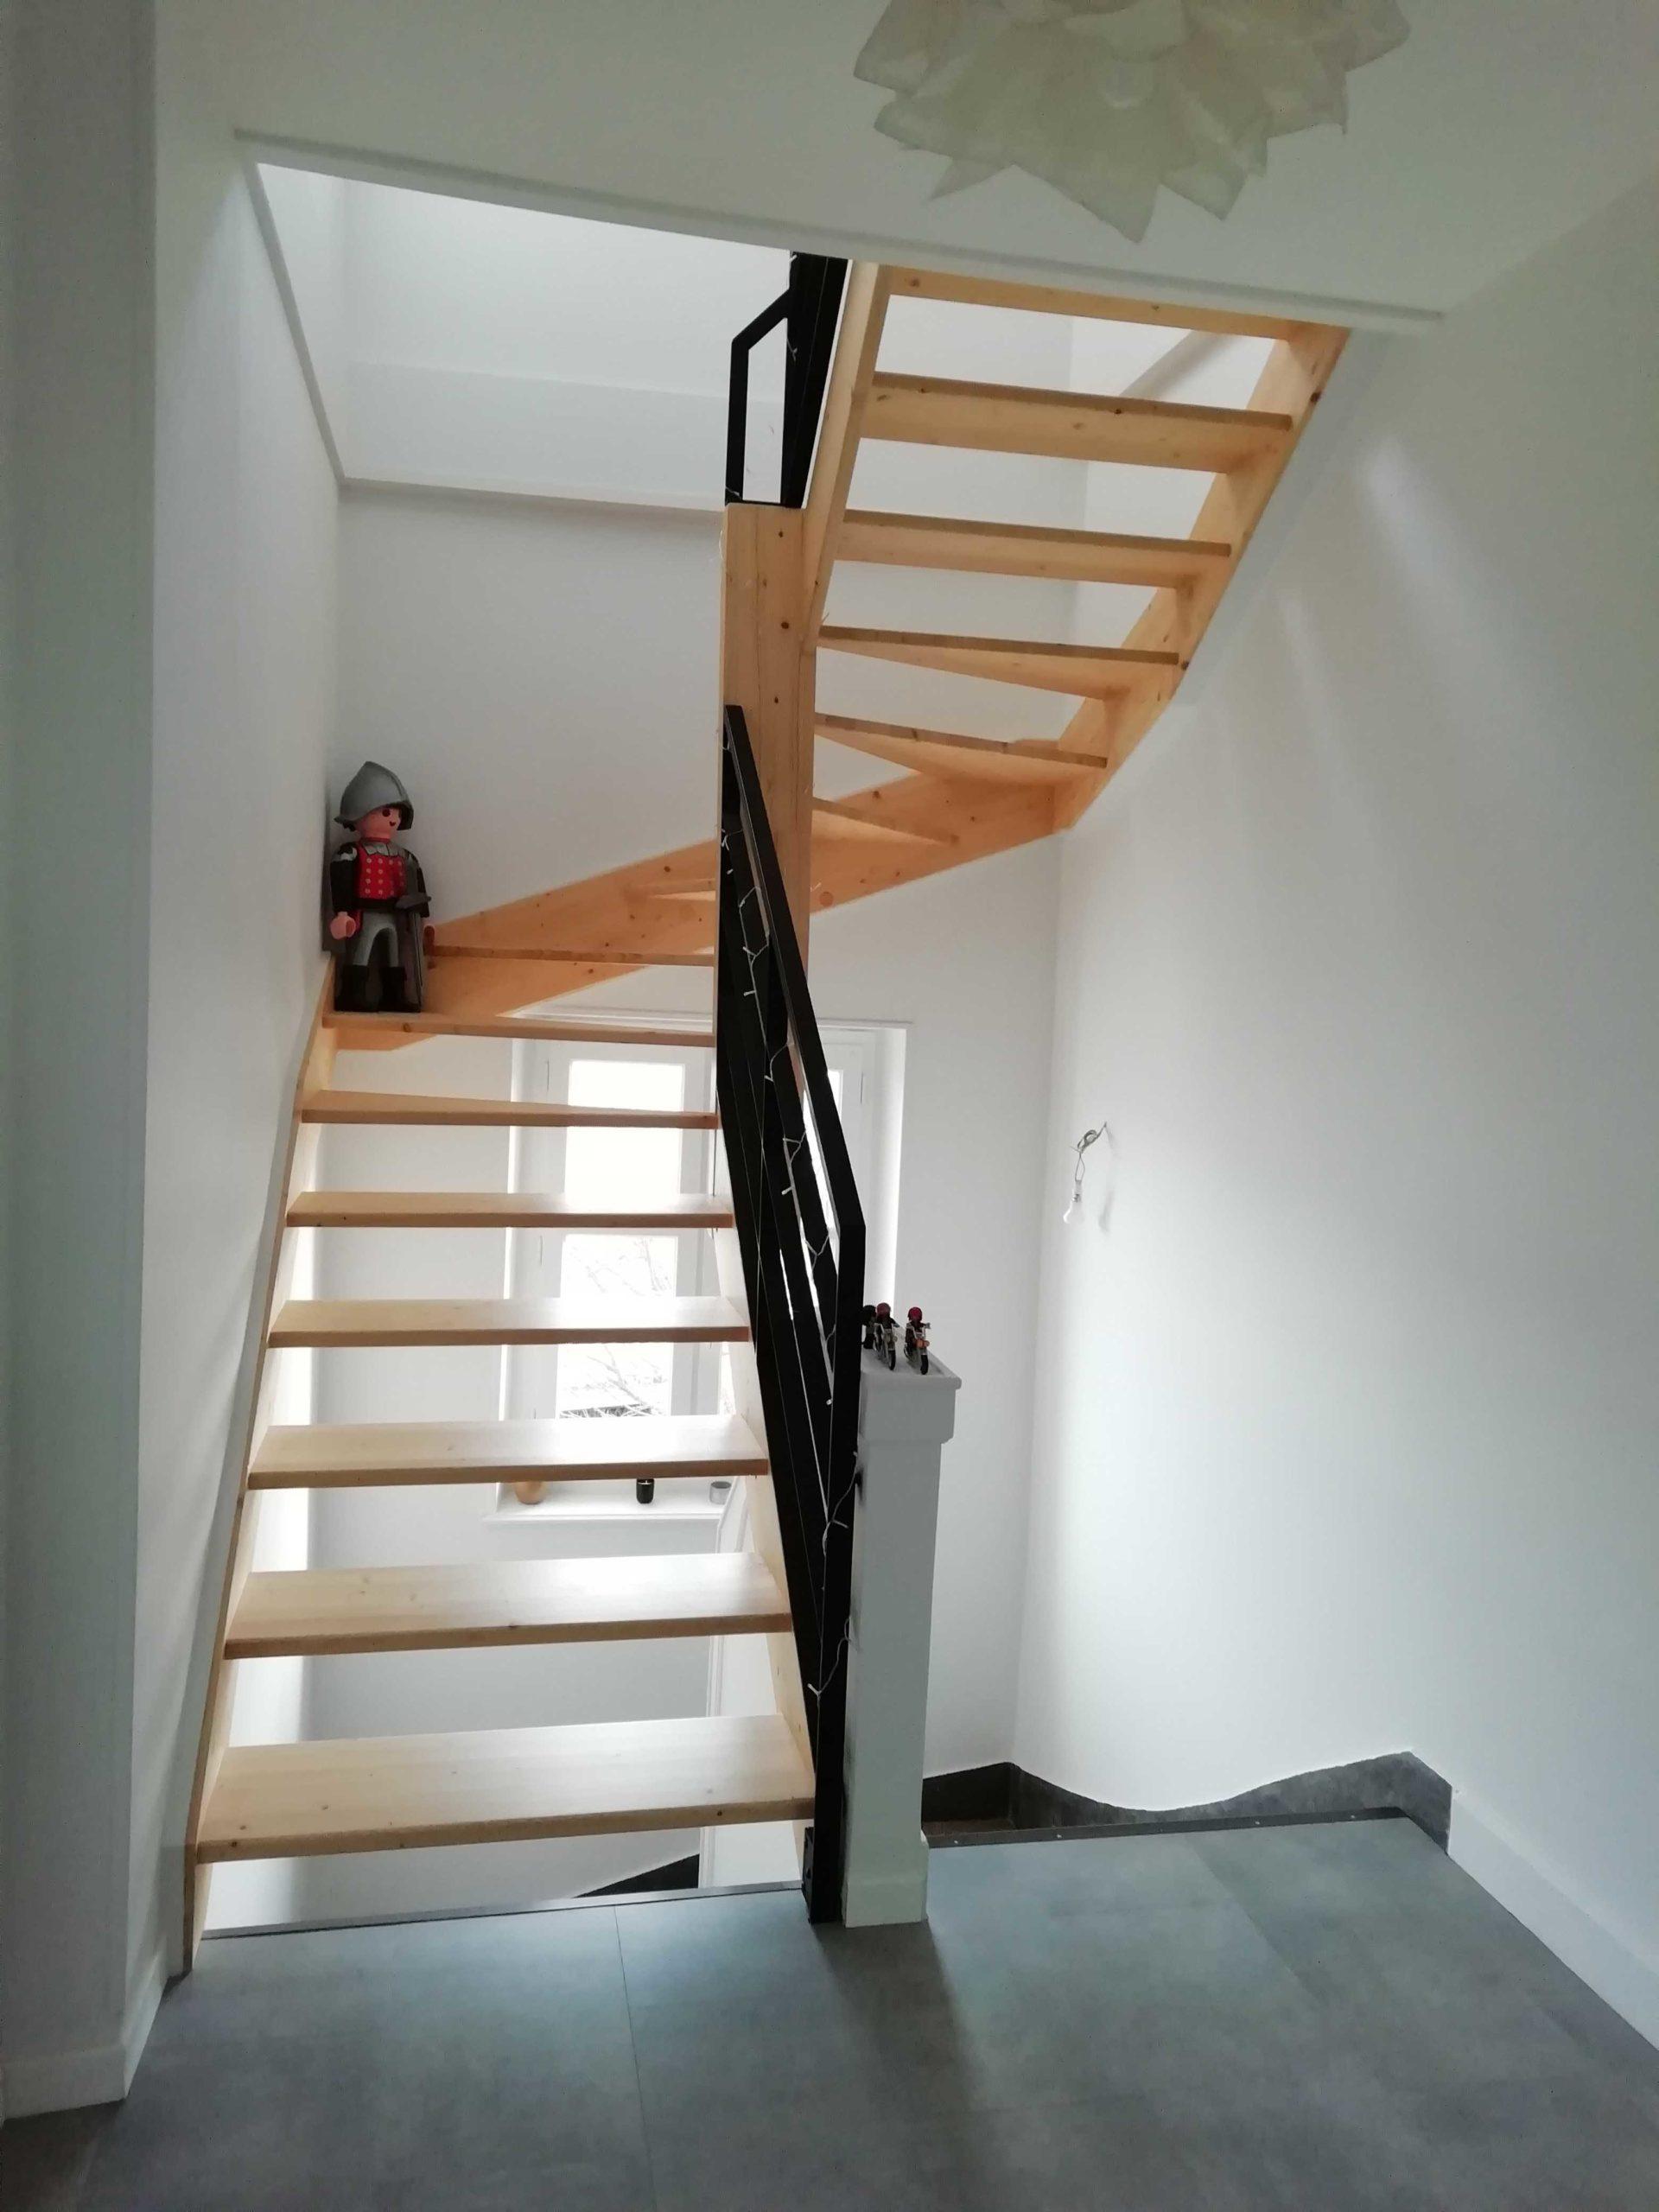 Nouvel escalier pour la surélévation